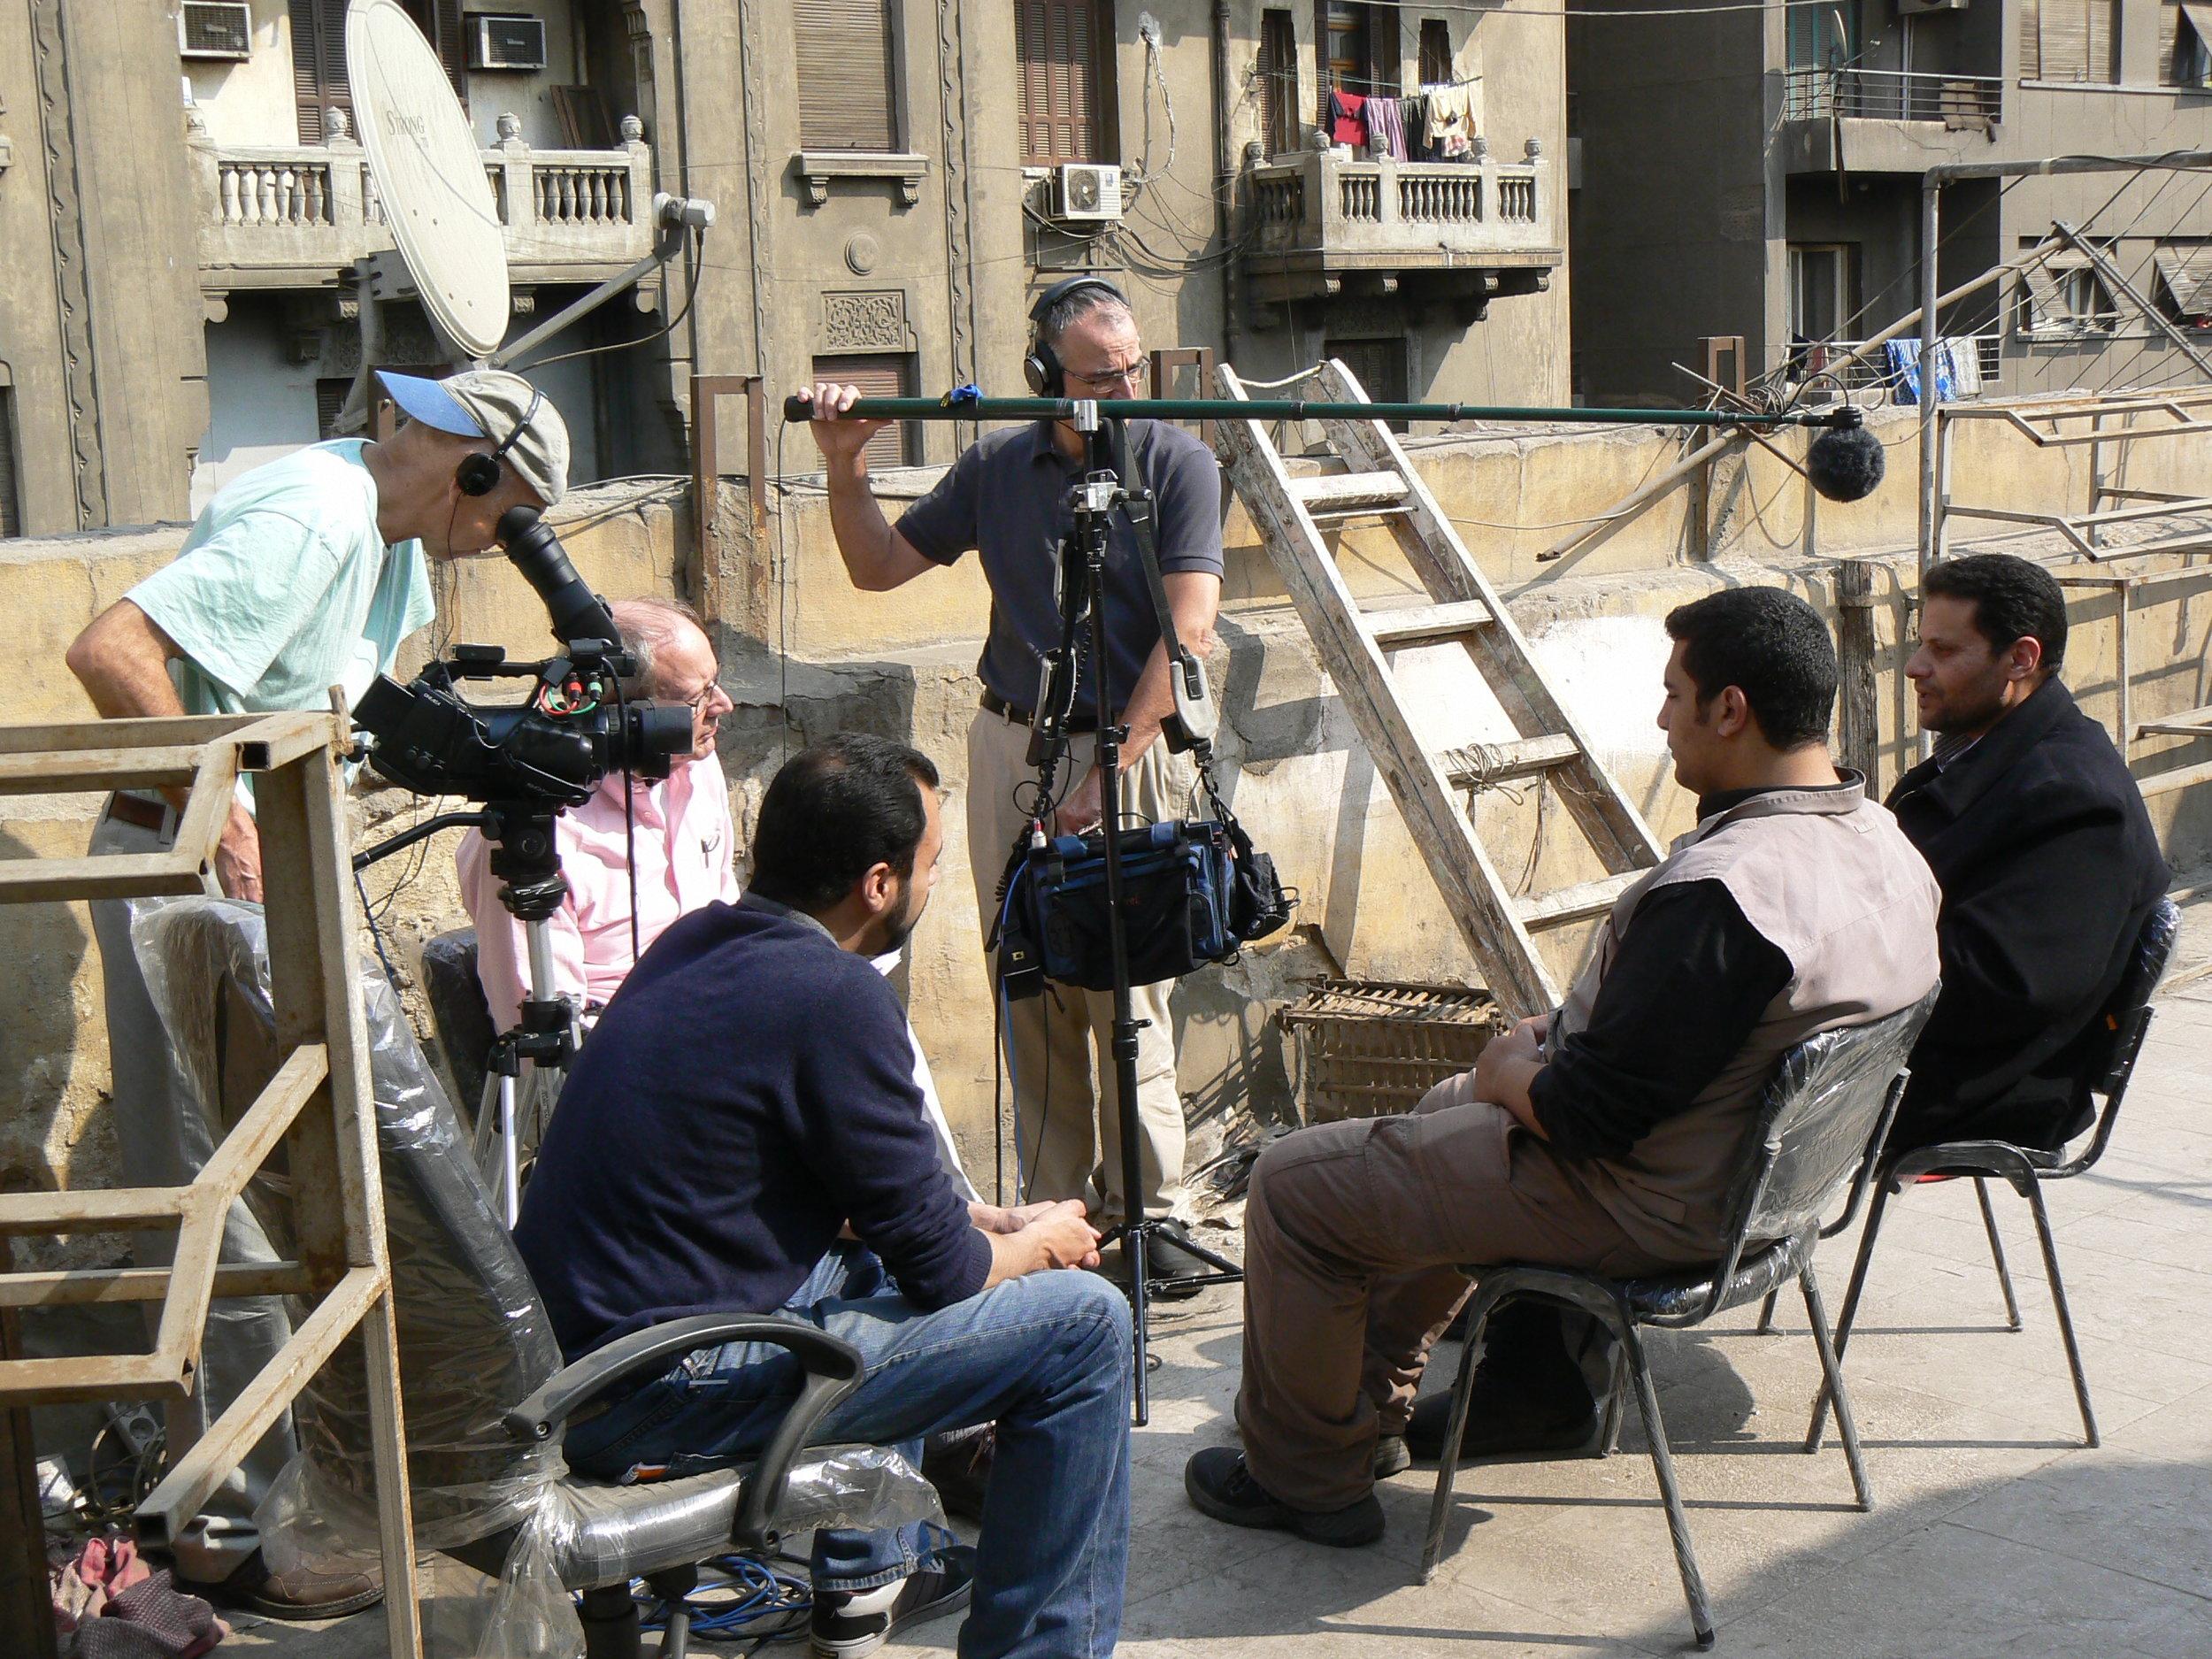 Peter Pearce (camera), Steve York & Paul Rusnak (sound) on location for Egypt:Revolution Interrupted?